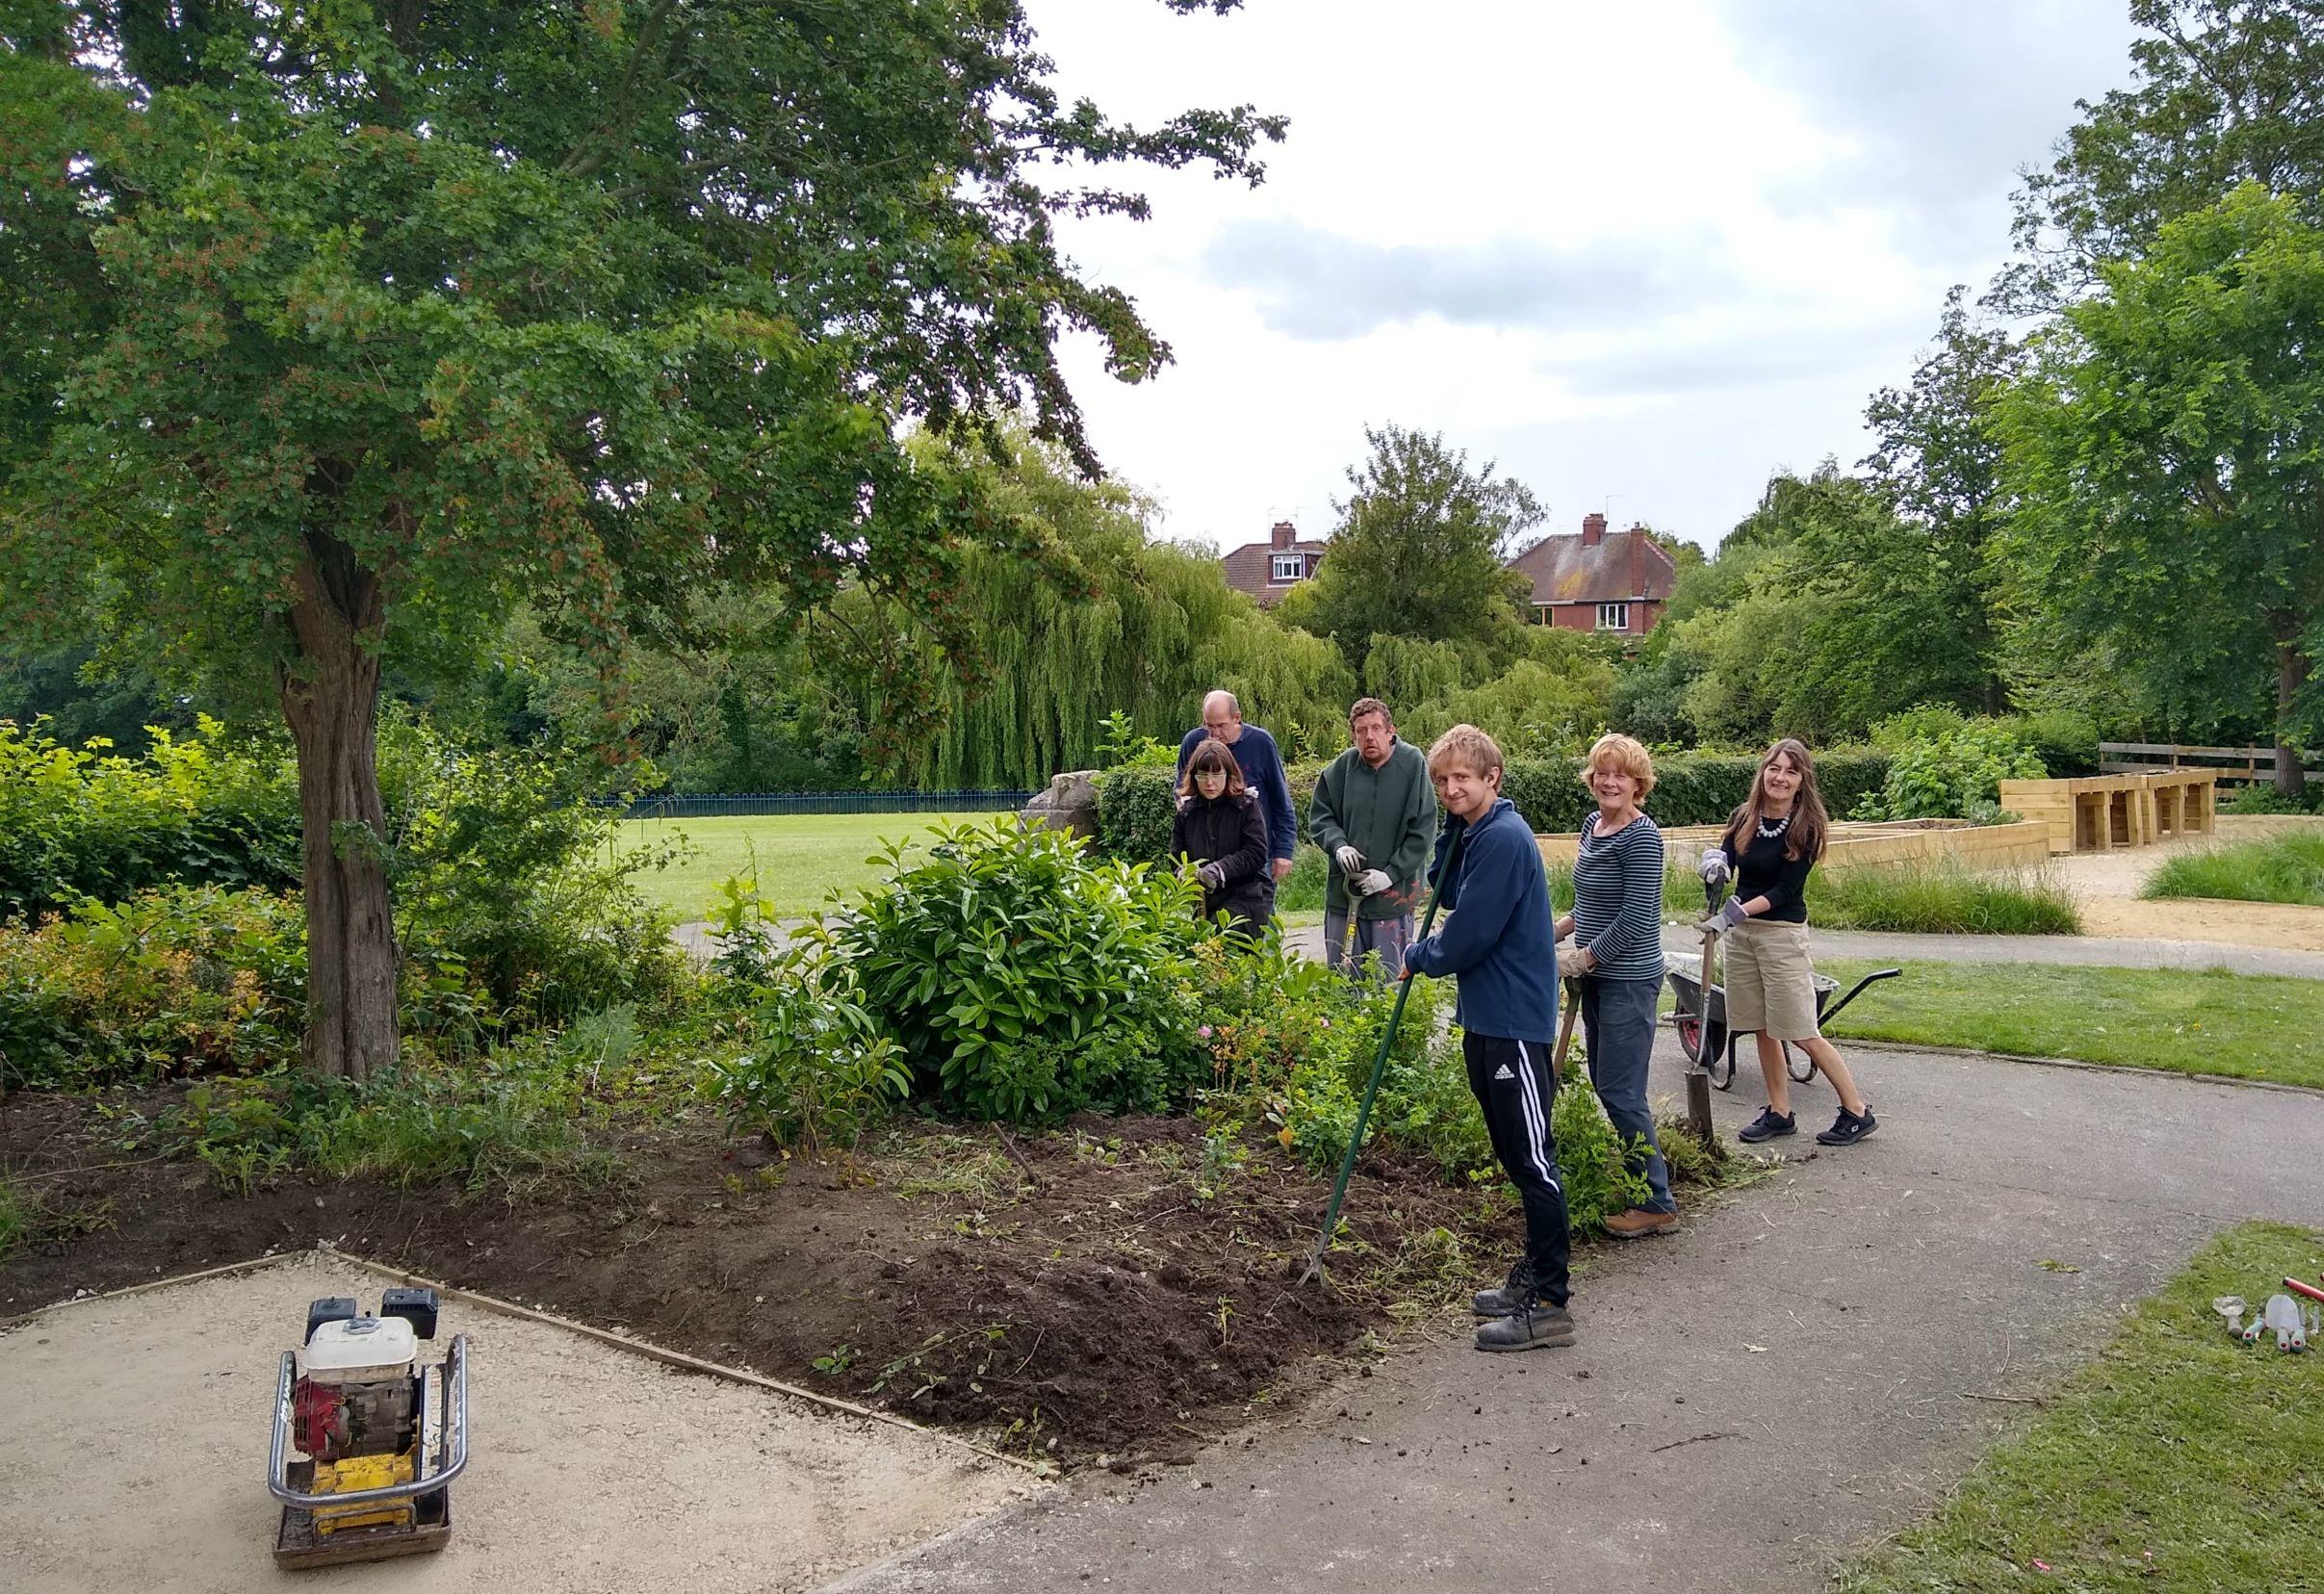 Volunteers at Hull Road Park, York